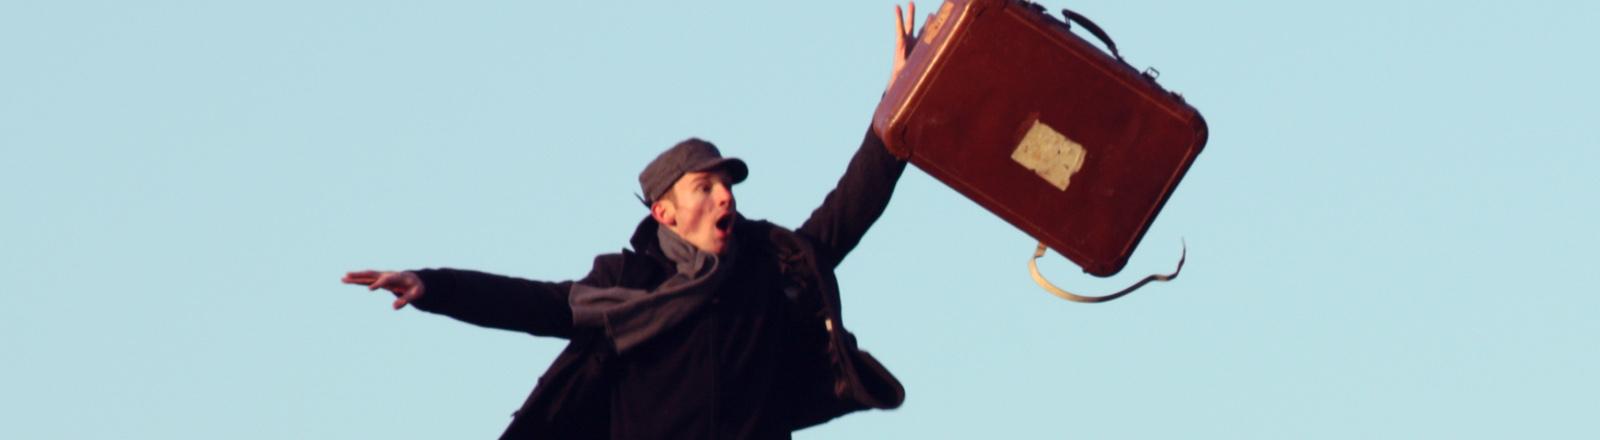 Mann mit Koffer, der in die Luft springt.